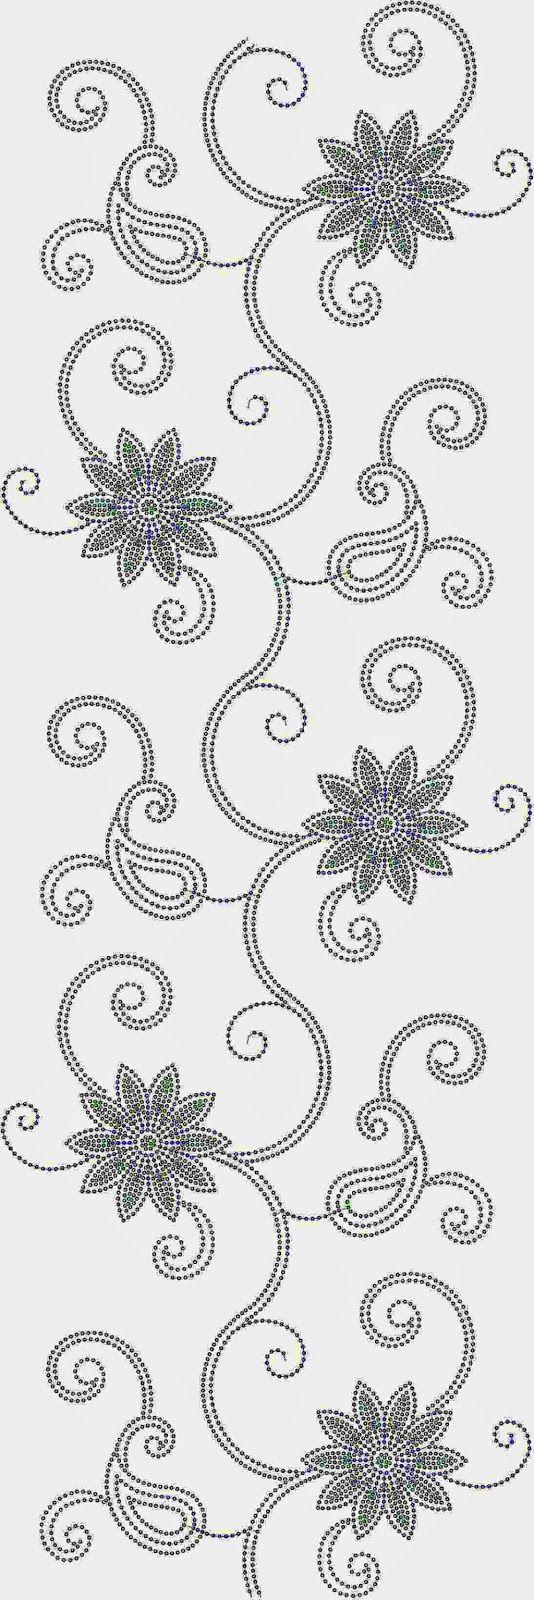 kouse masjien borduurwerk patroon